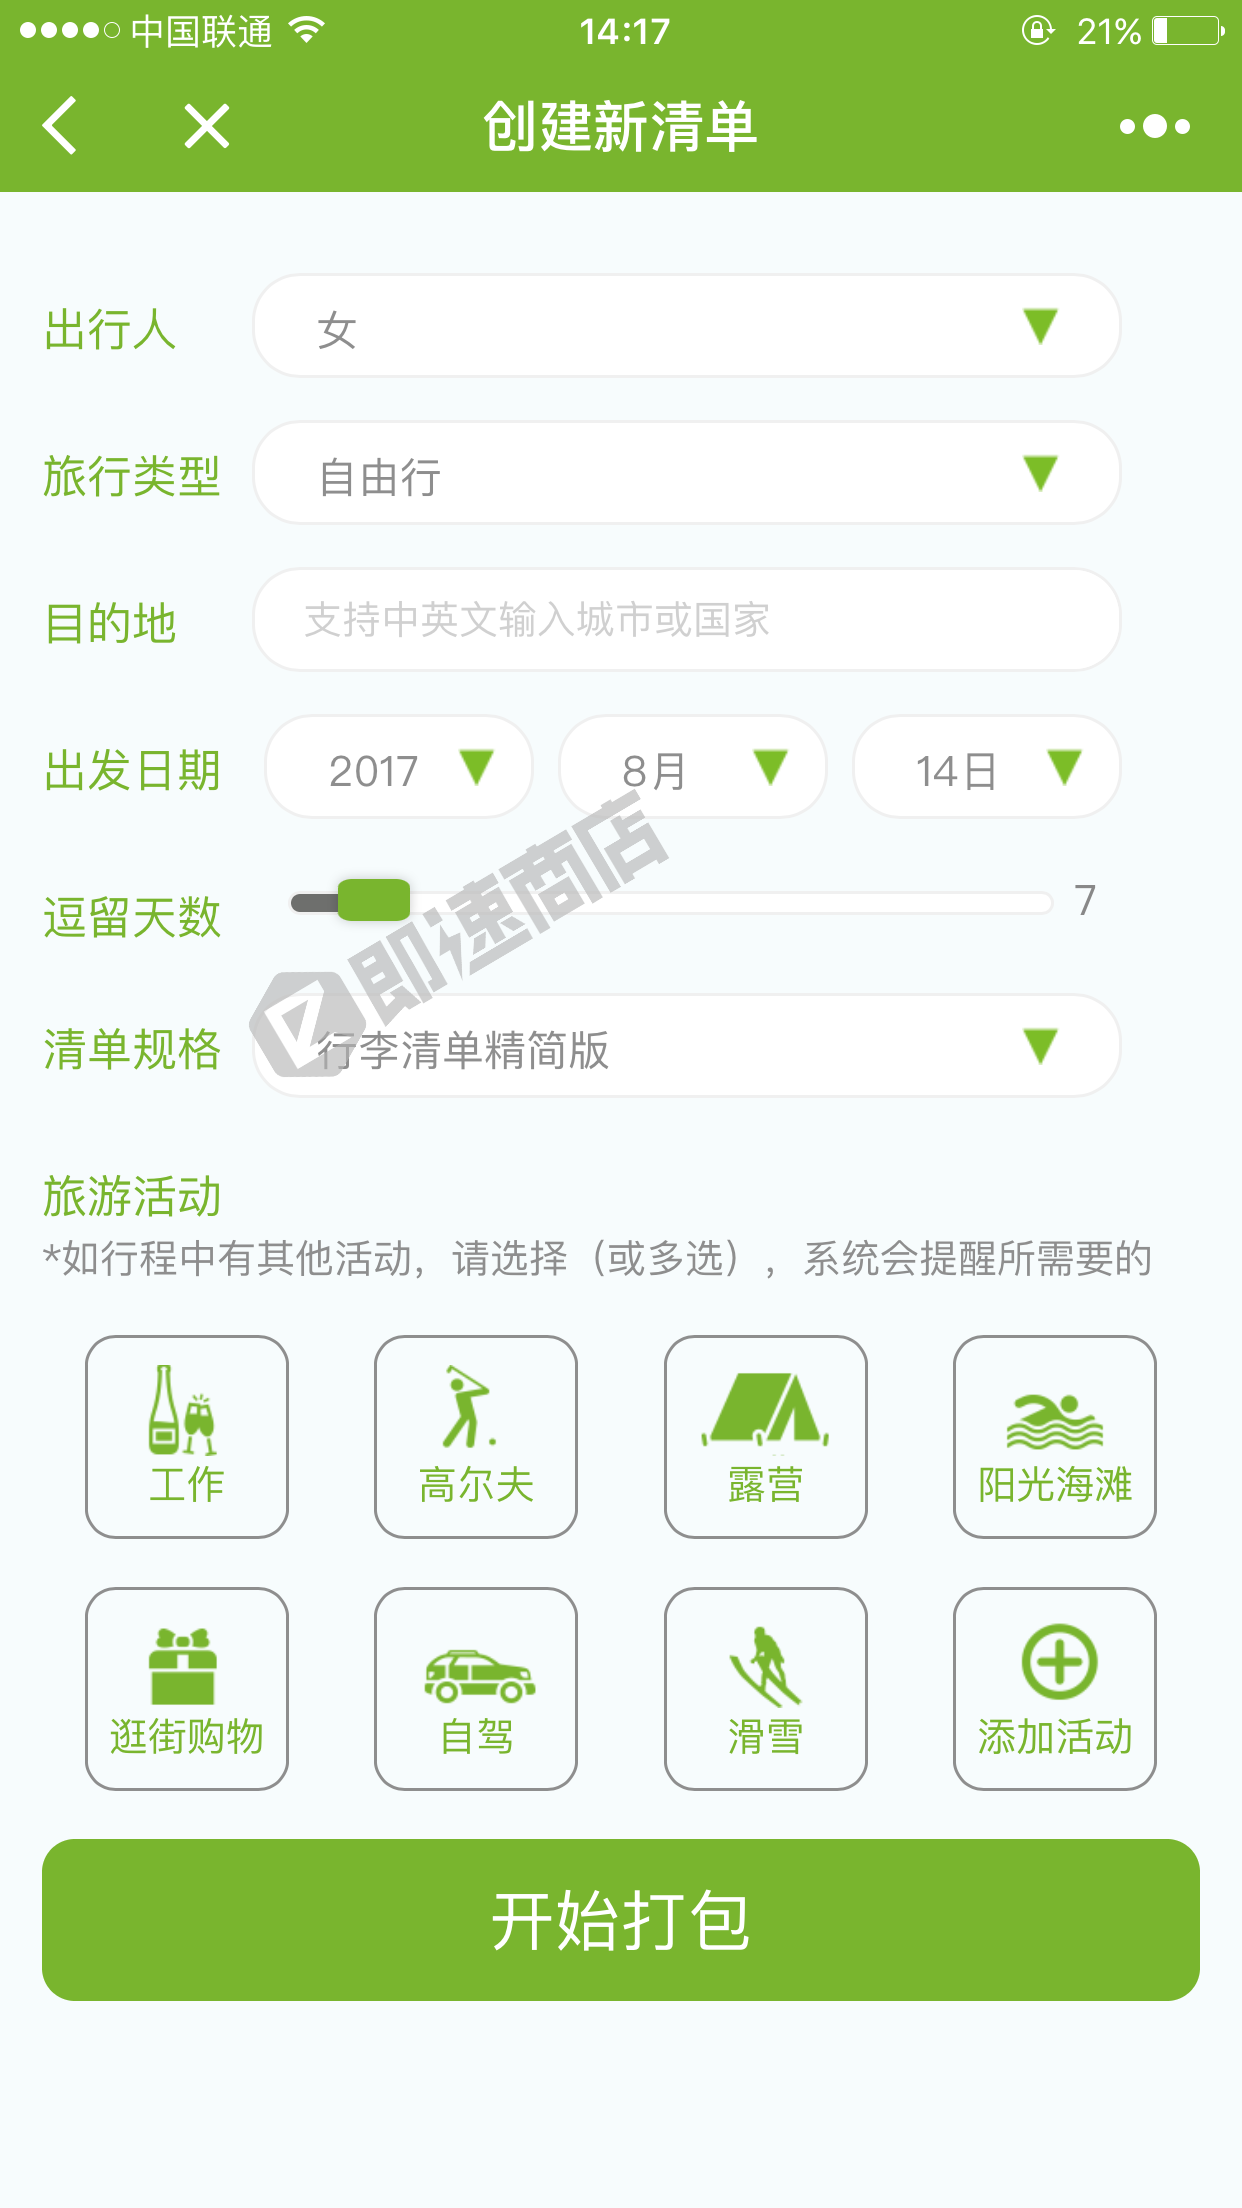 KORJO行李小管家小程序列表页截图